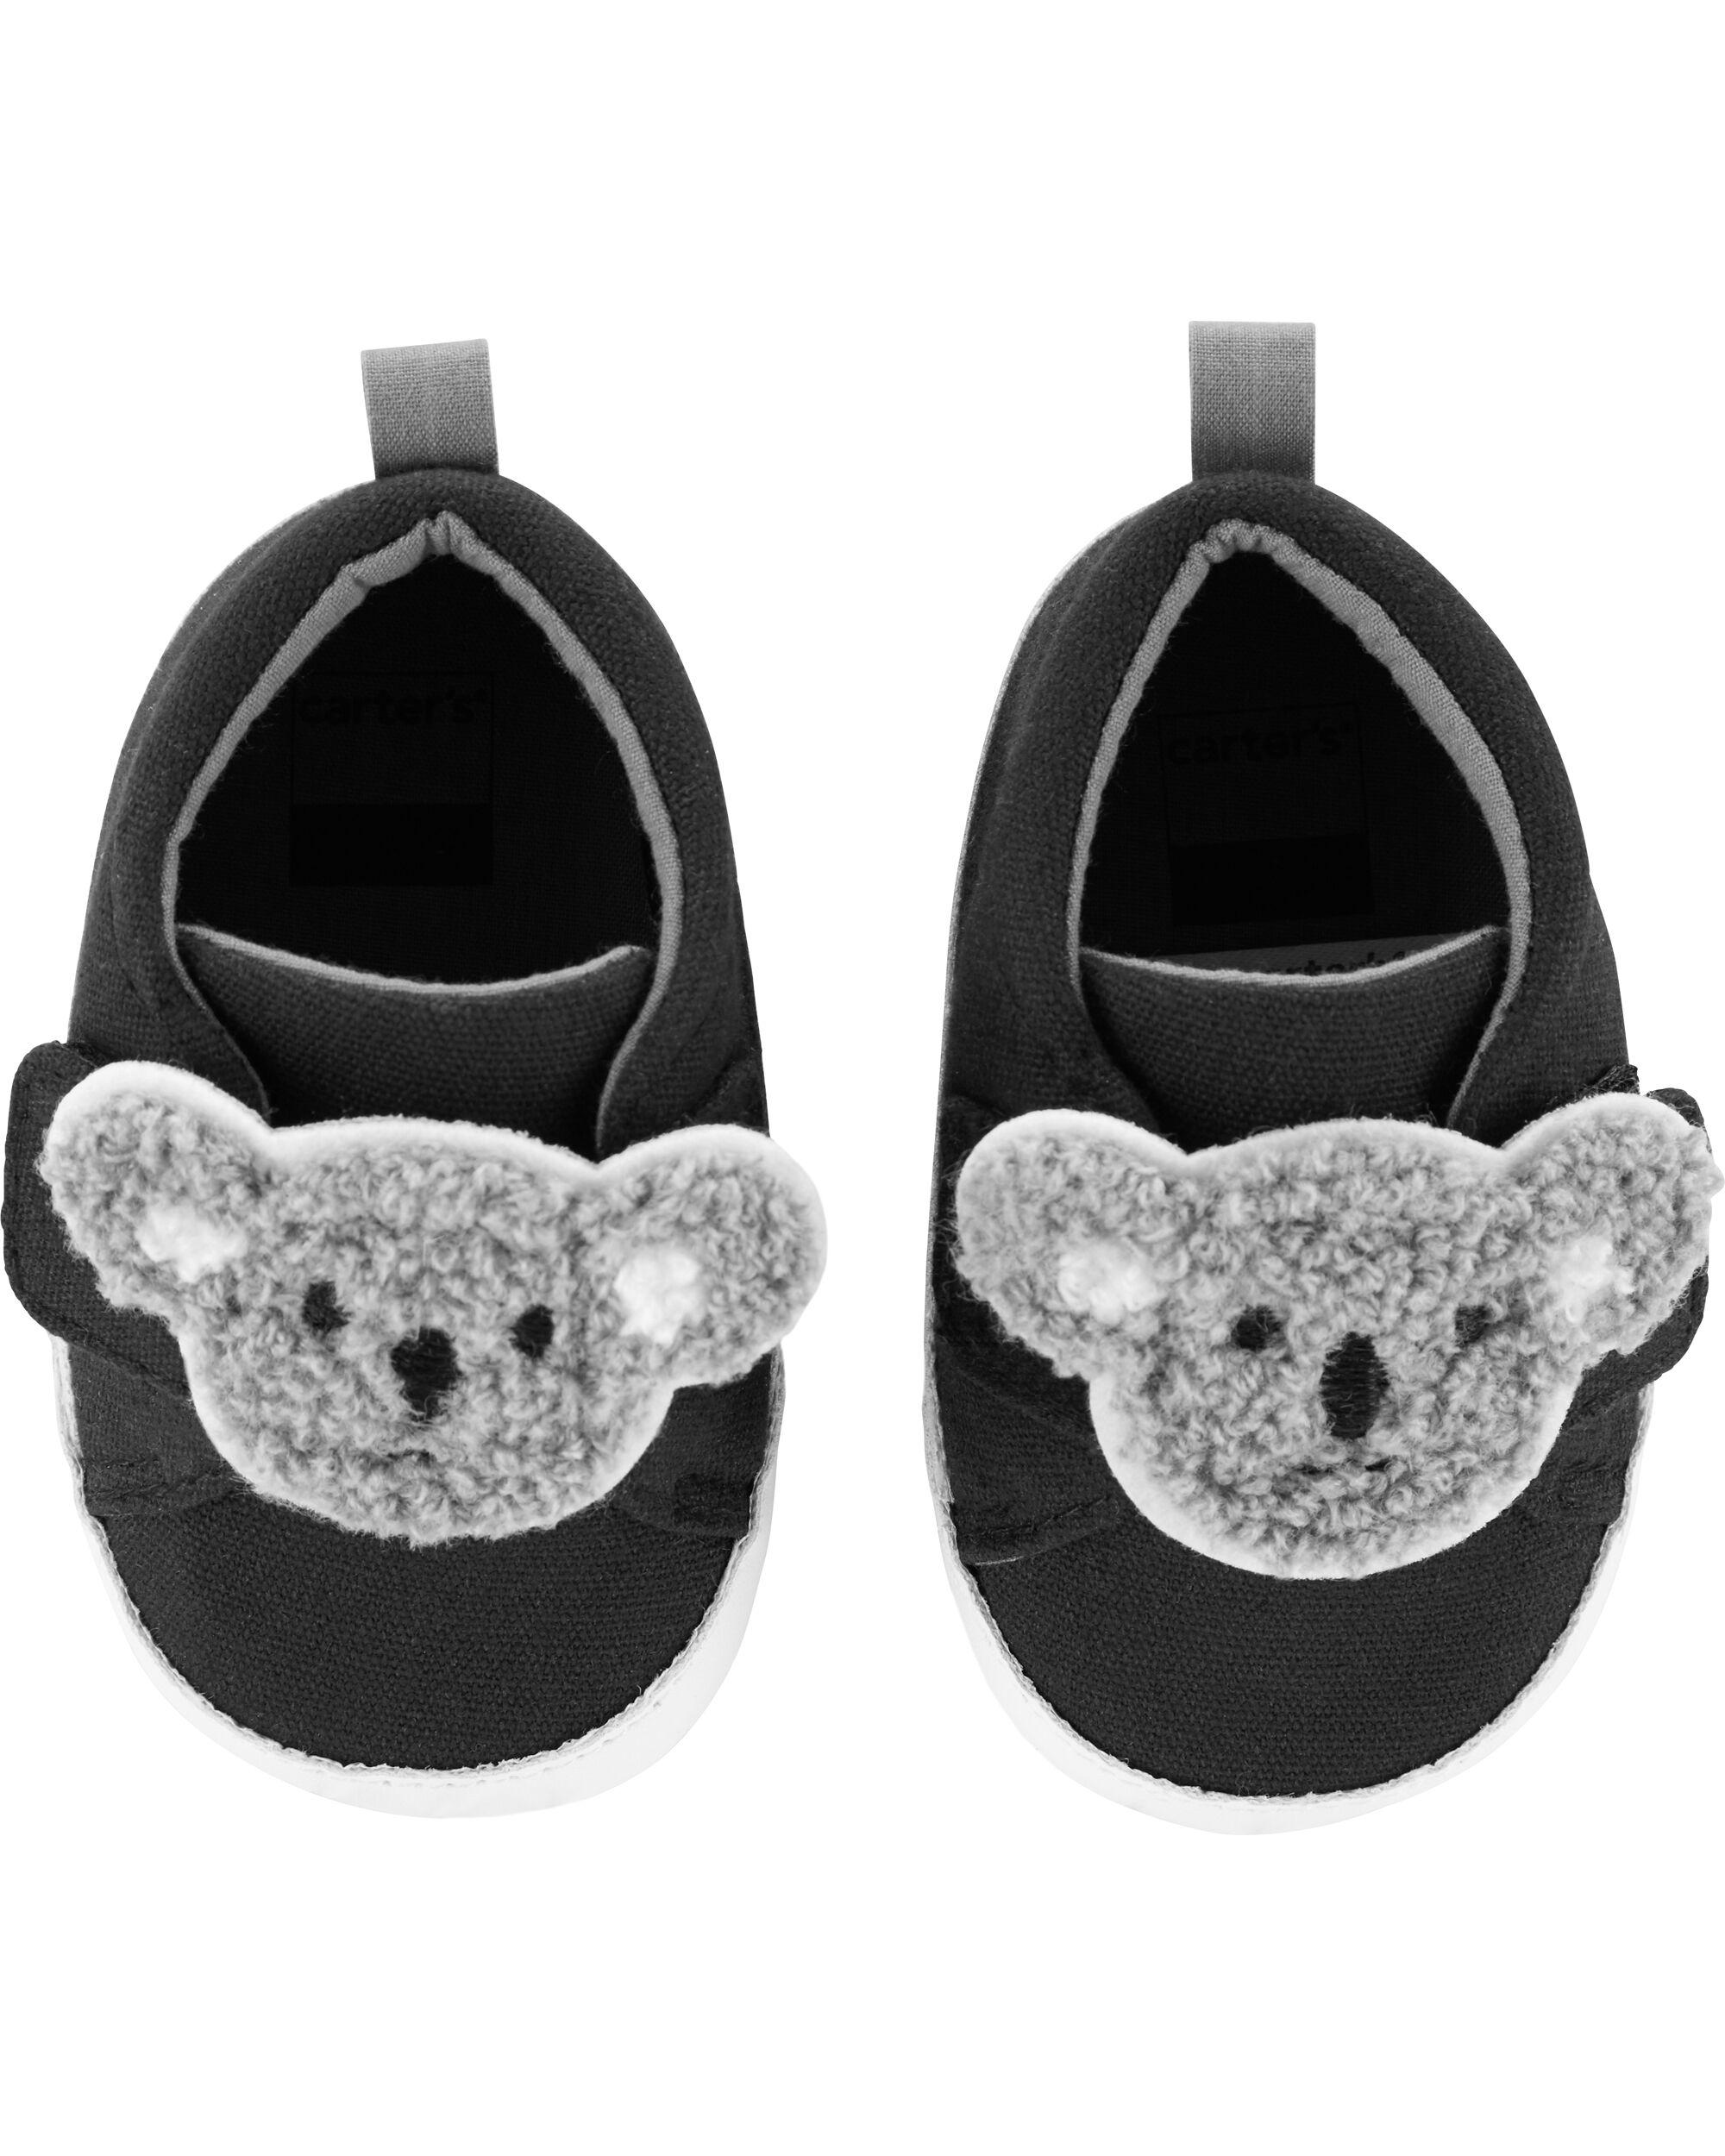 Carter's Koala Baby Shoes   skiphop.com